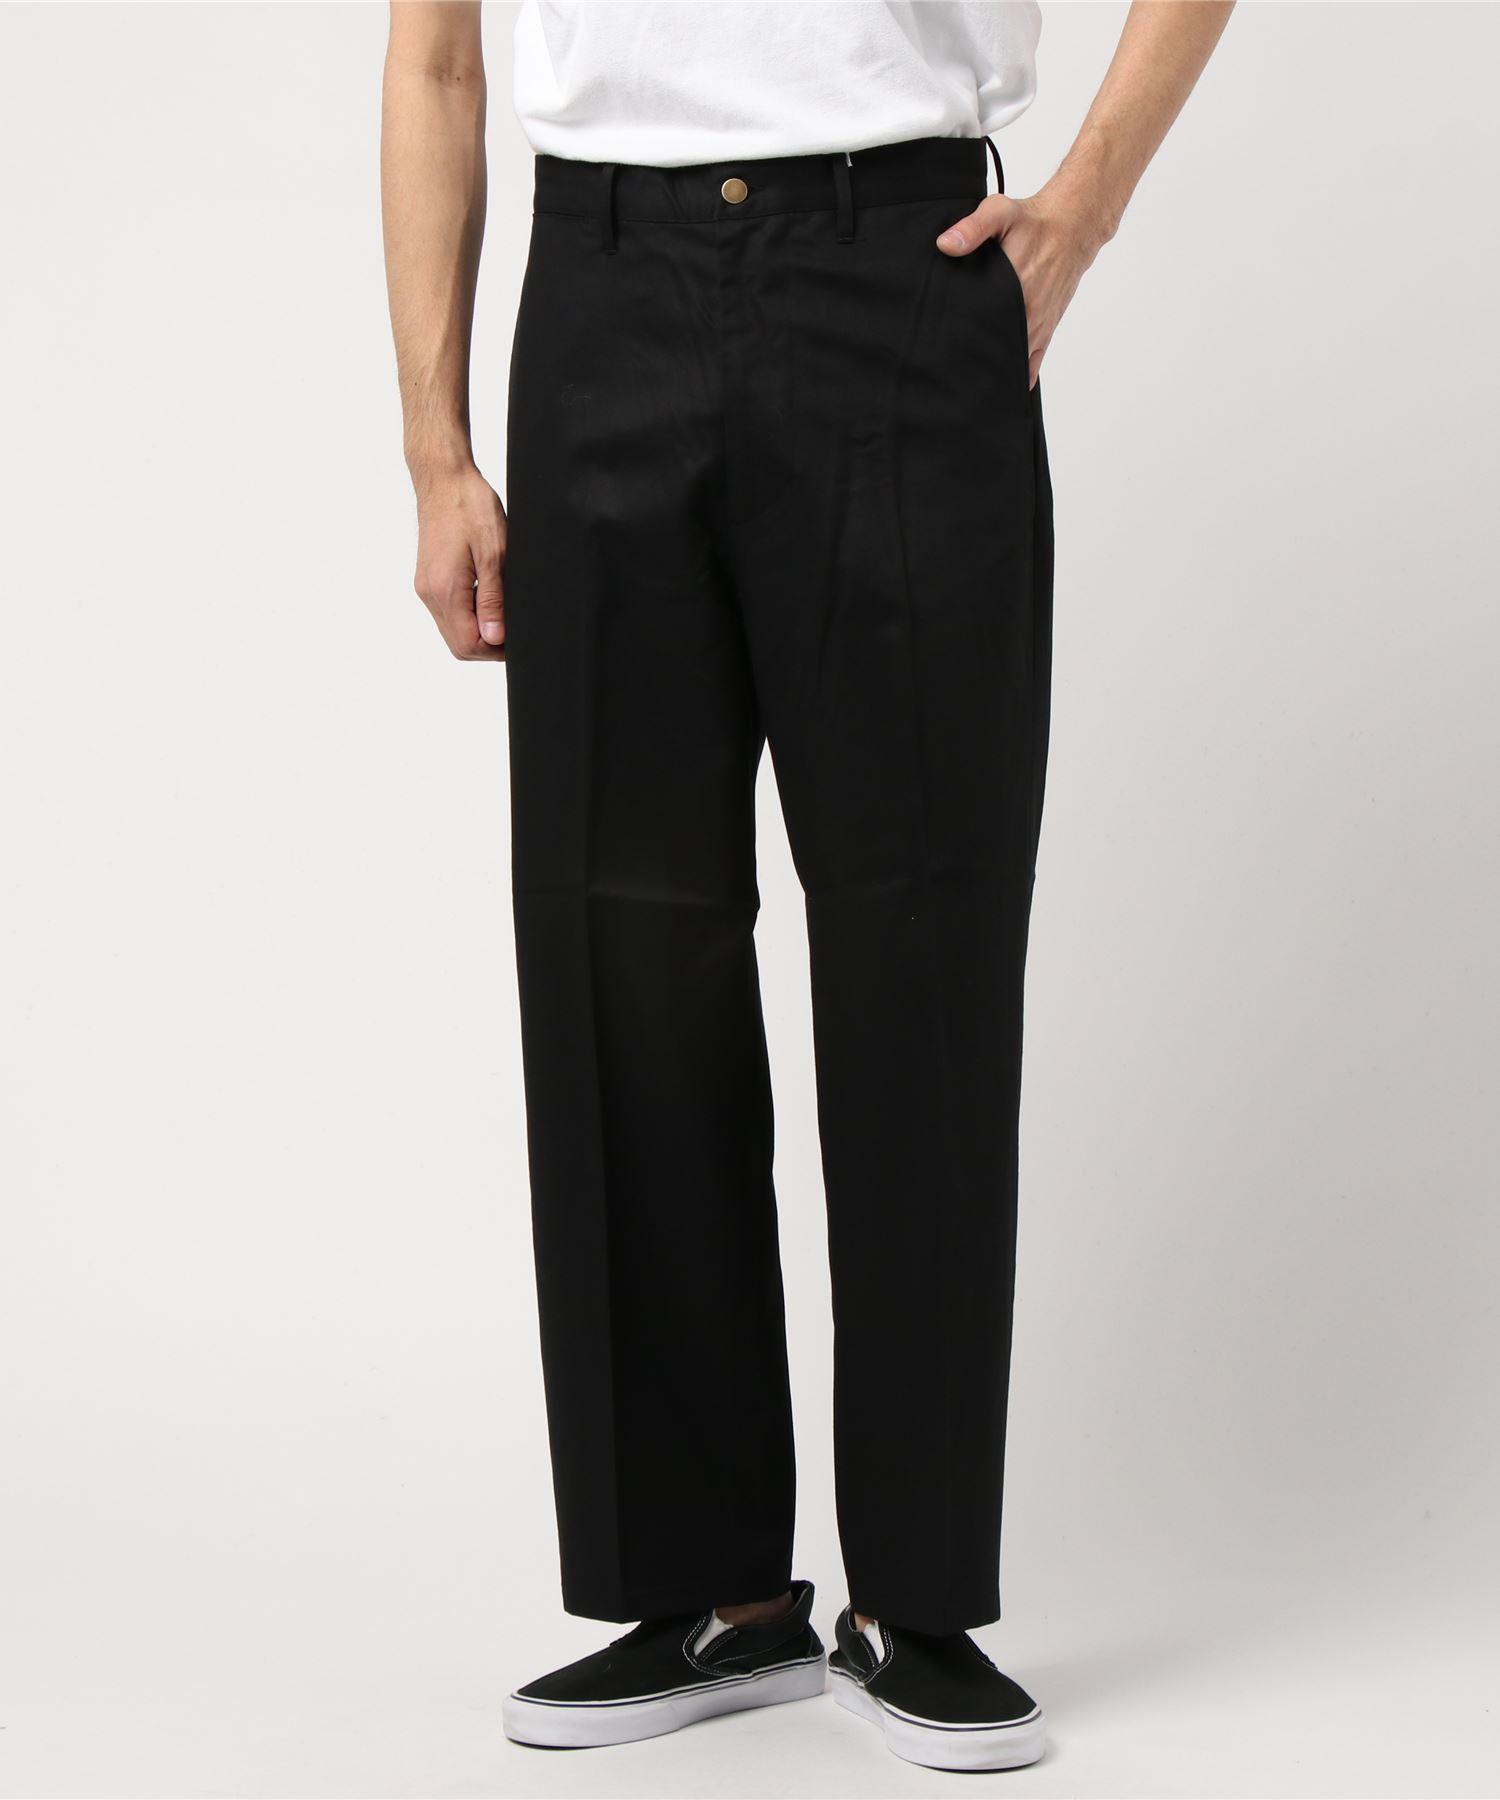 アメリカンラグシー AMERICAN RAG CIE / ツイルワイドパンツ Twill Wide Pants